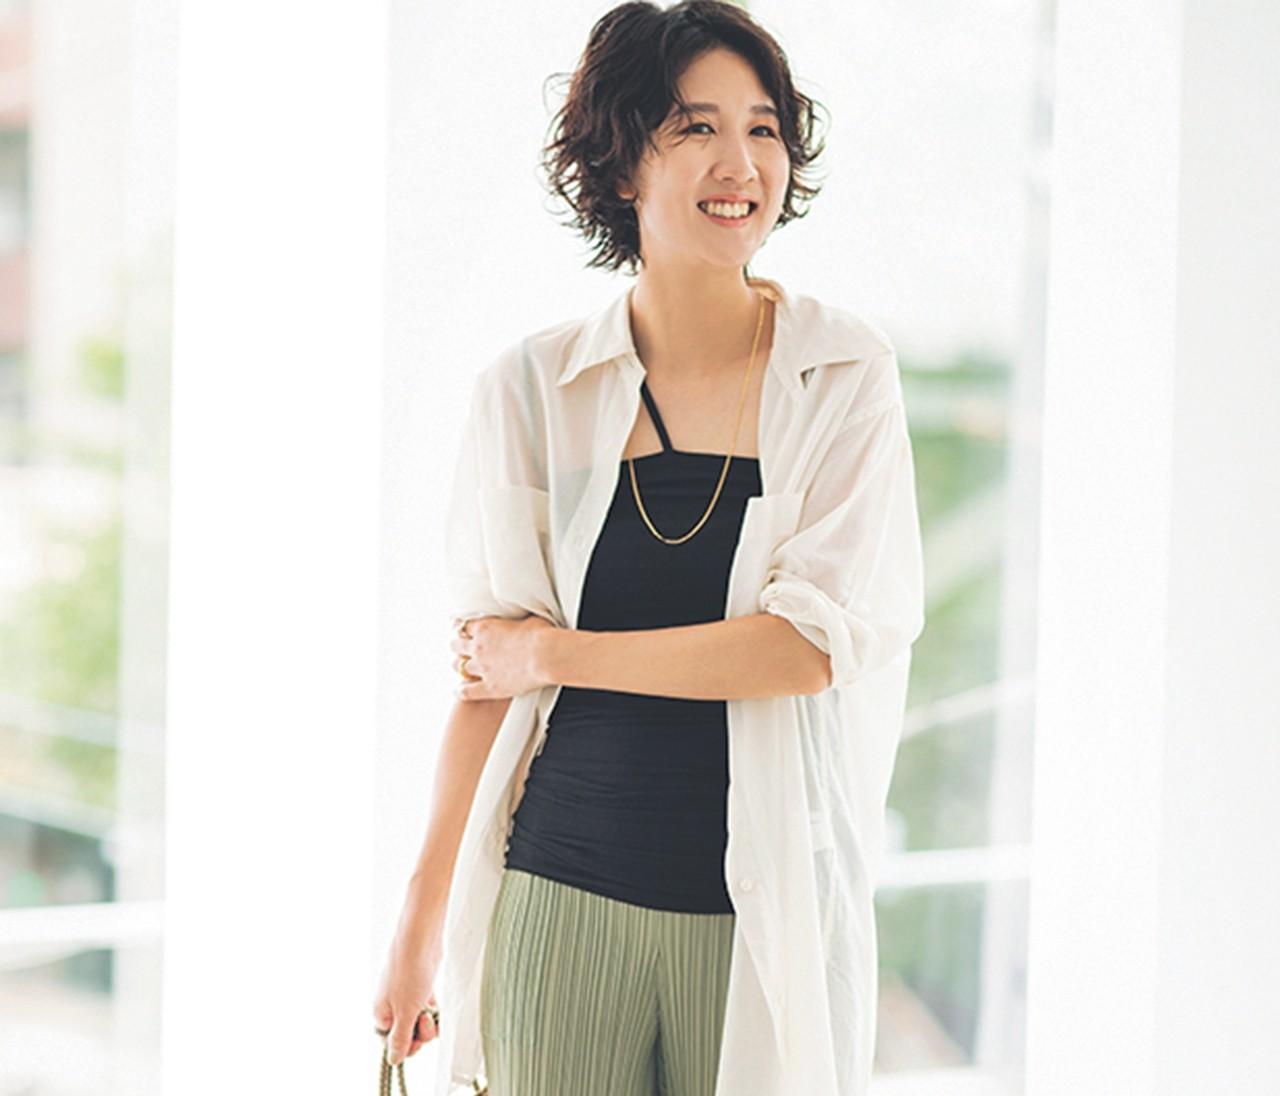 【30代女子の夏ファッションQ&A】今年らしい色と着こなしは?